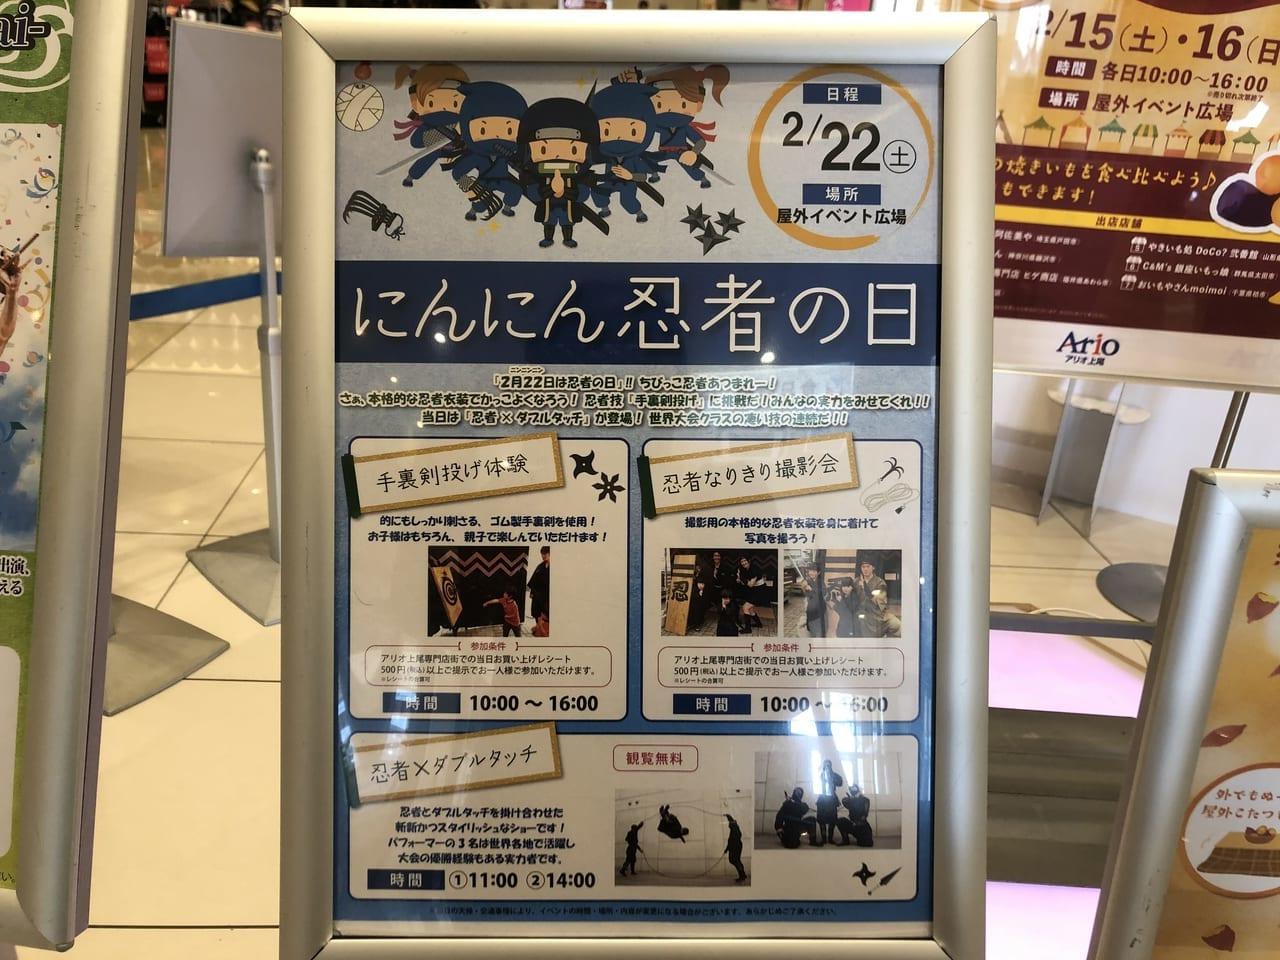 アリオ上尾イベント2月